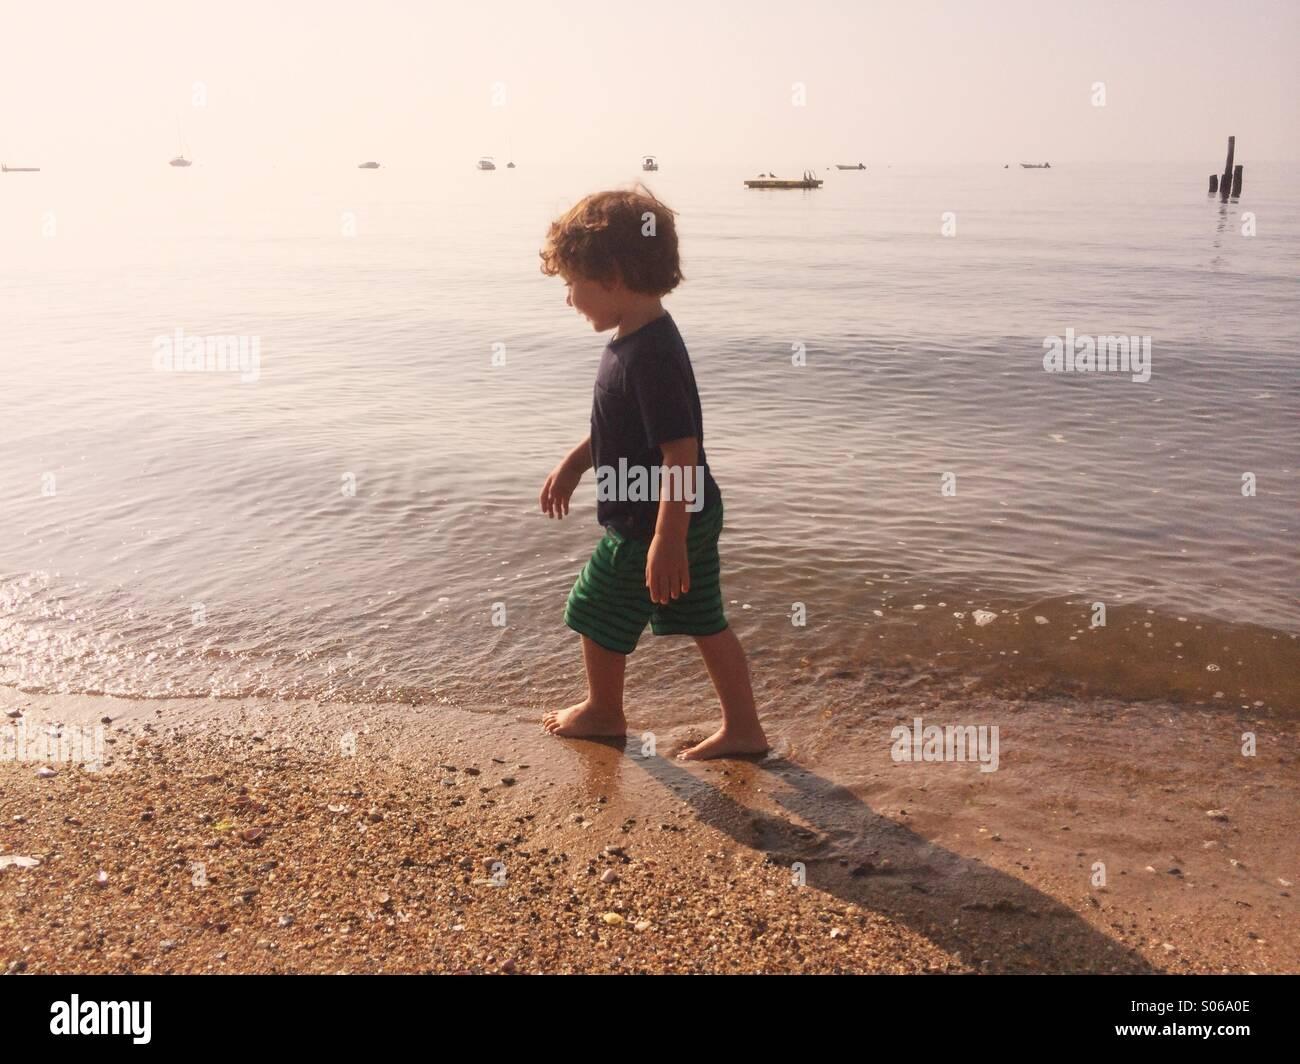 Un chico jugando en una playa soleada durante el verano en Connecticut, EE.UU. Imagen De Stock